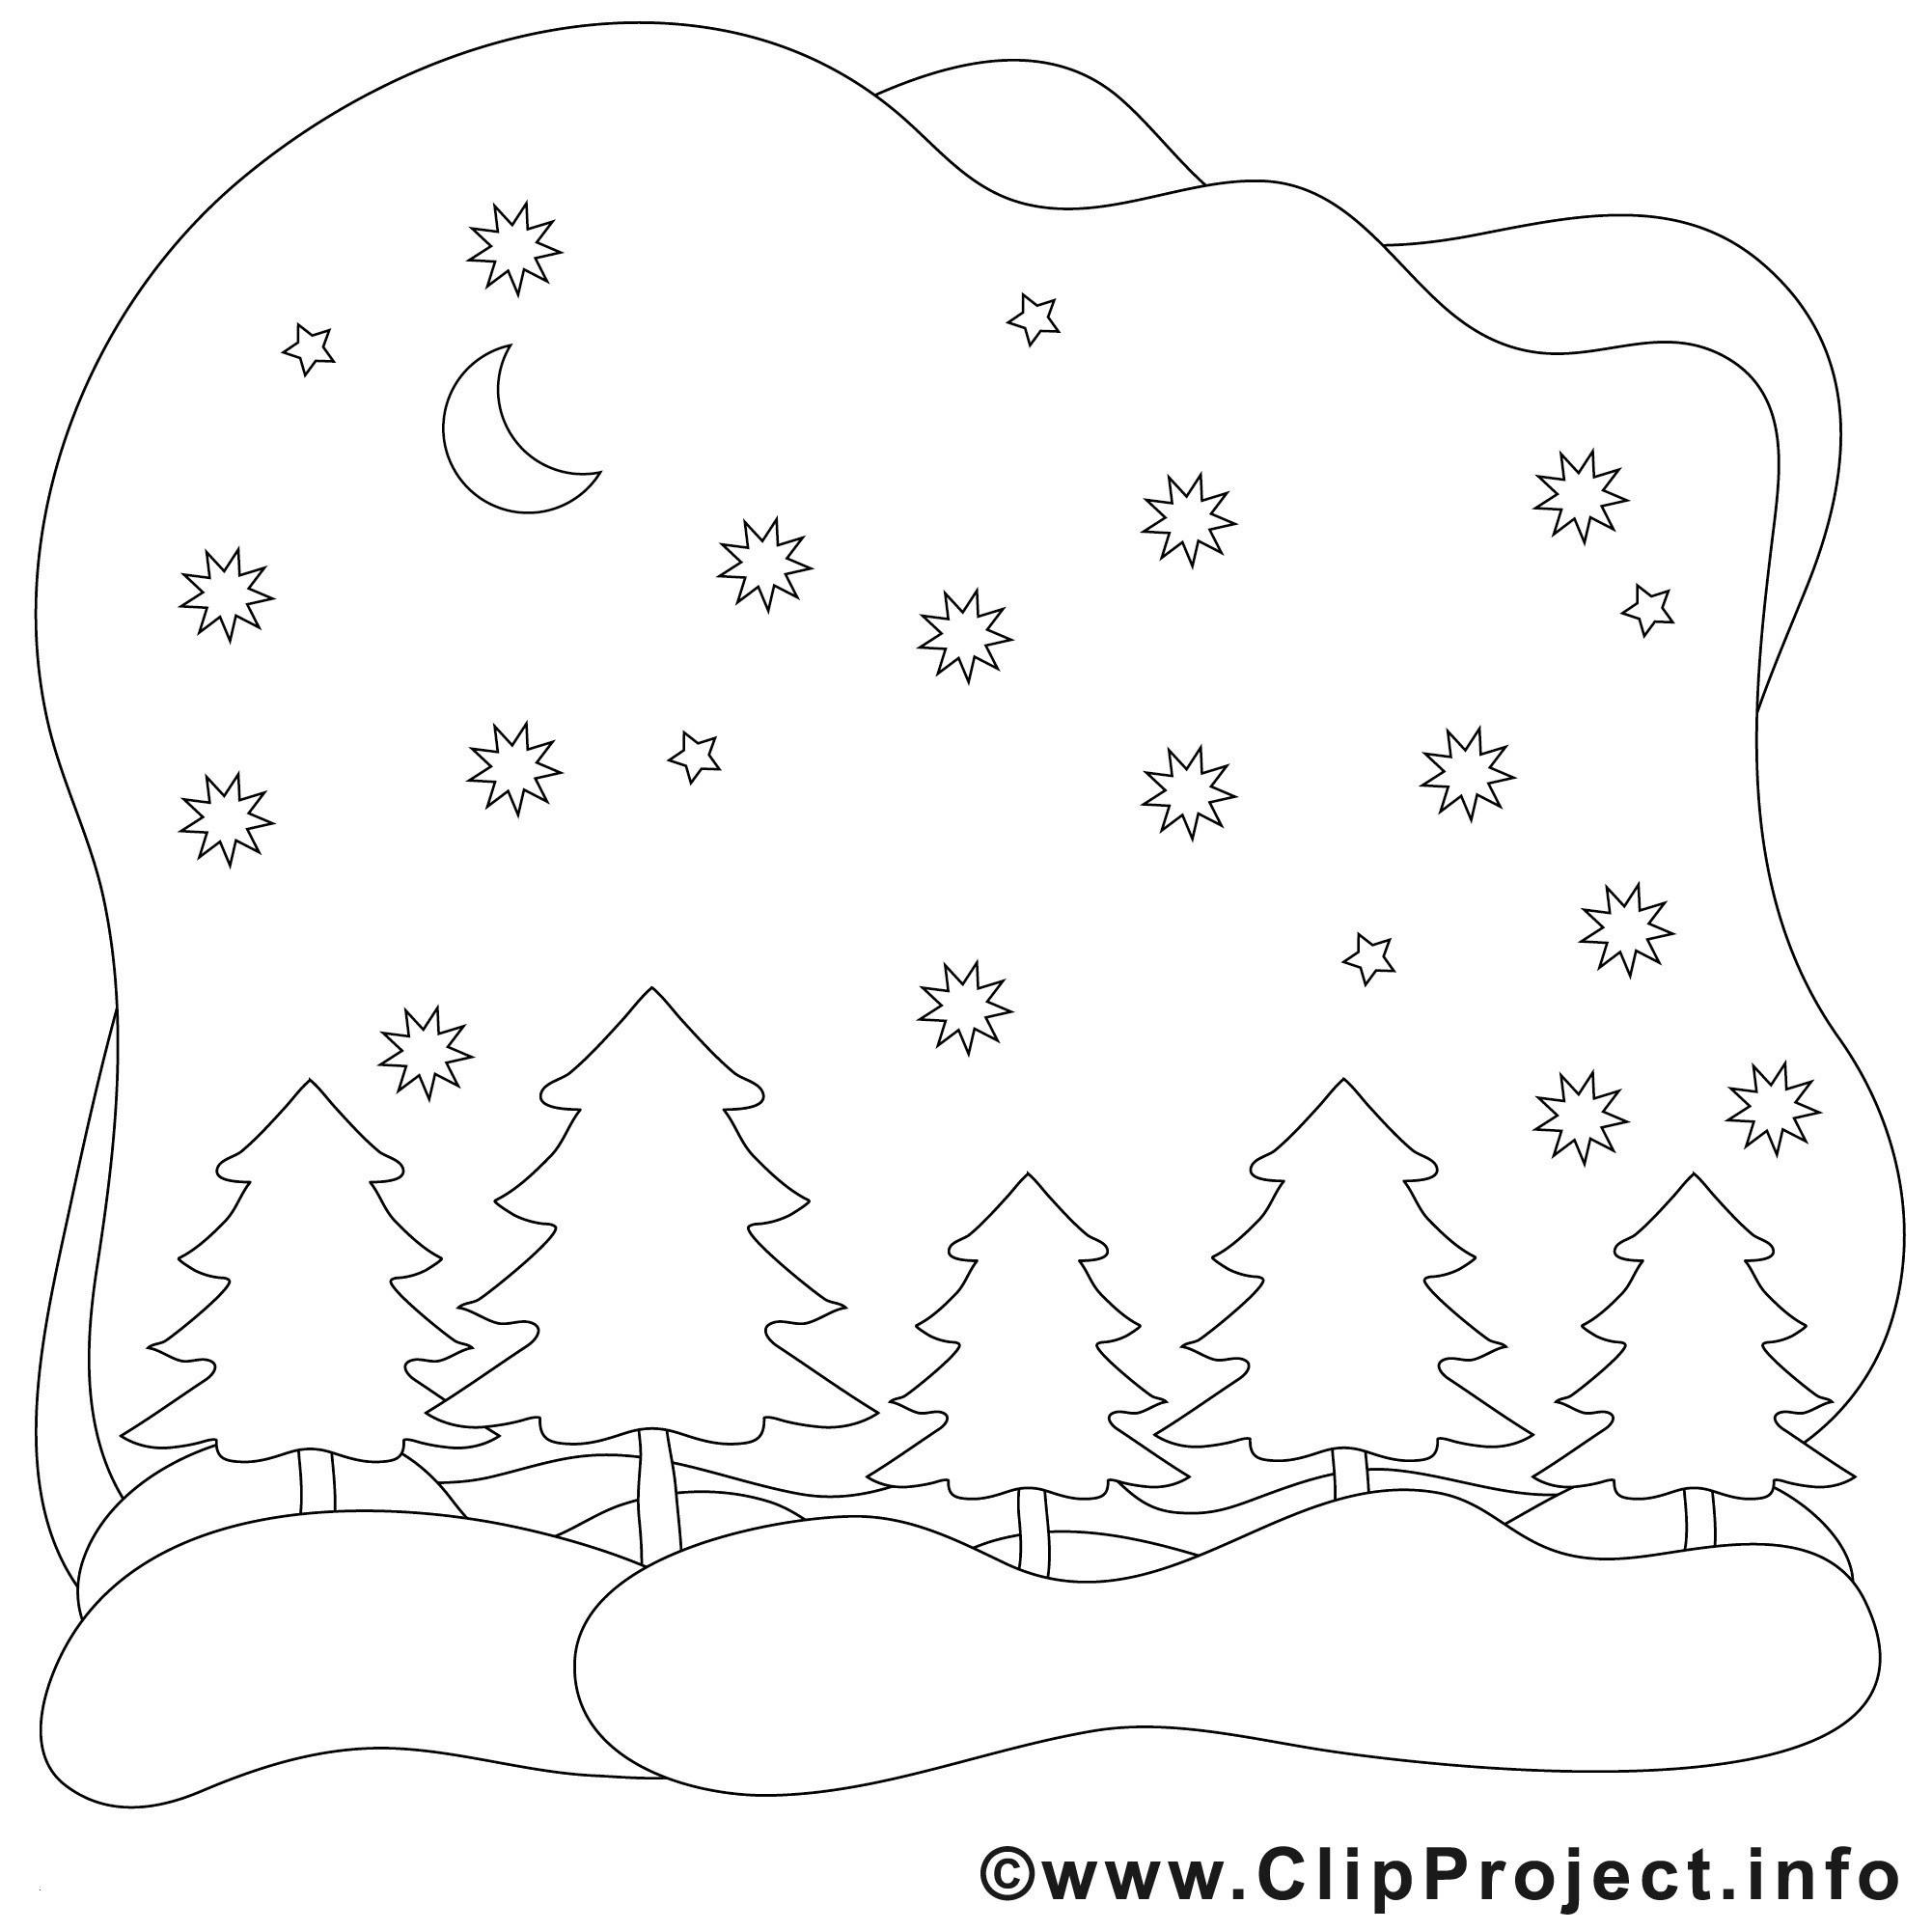 Ausmalbilder Weihnachten Schneeflocke Inspirierend Schneeflocken Ausmalbilder Unique Uploadertalk Page 3 94 Die Fotografieren